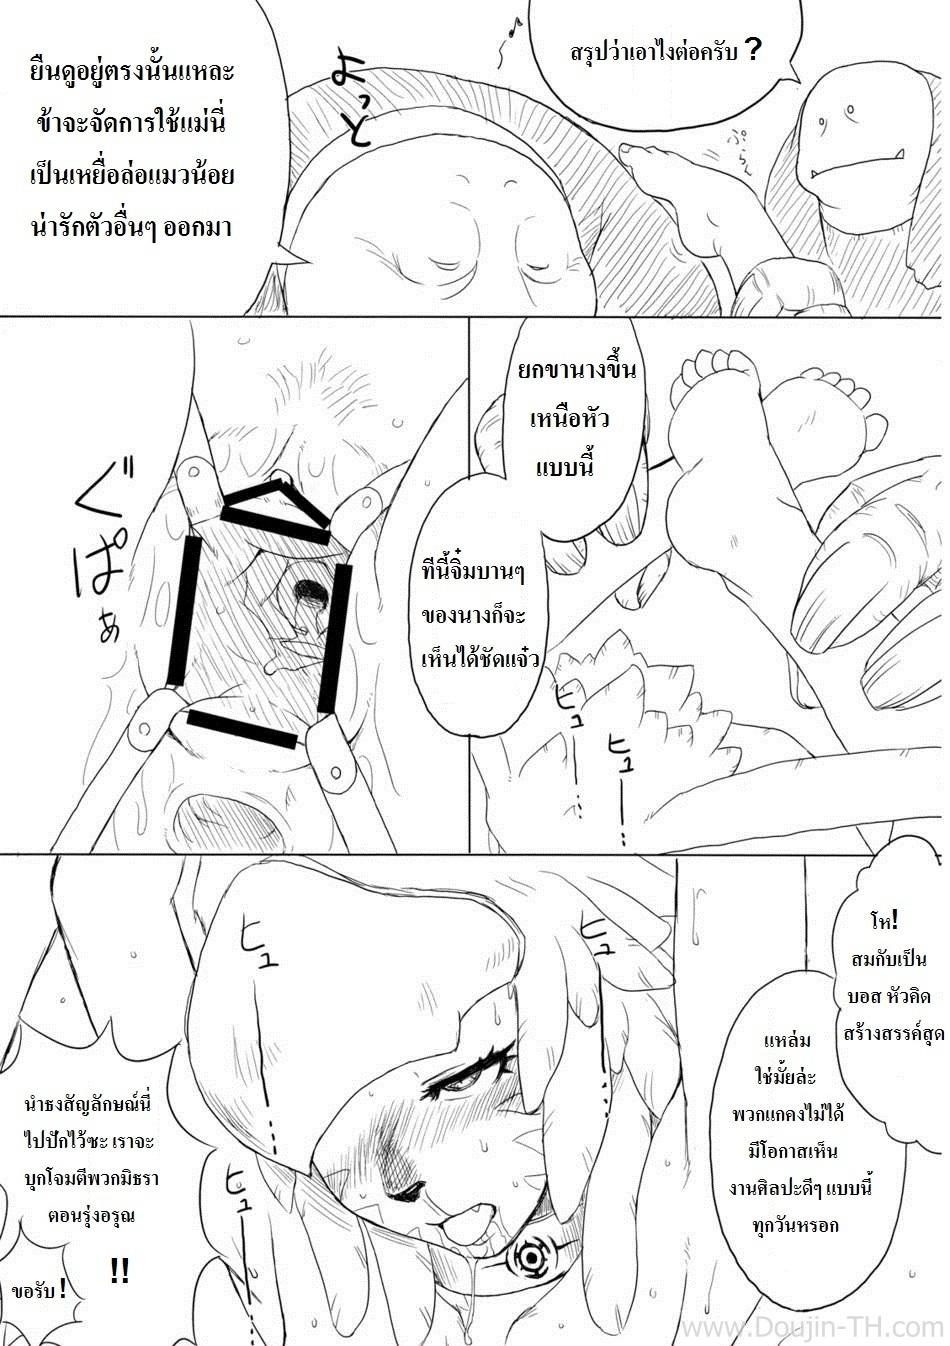 ออคป่ากินแมวน้อย - หน้า 26